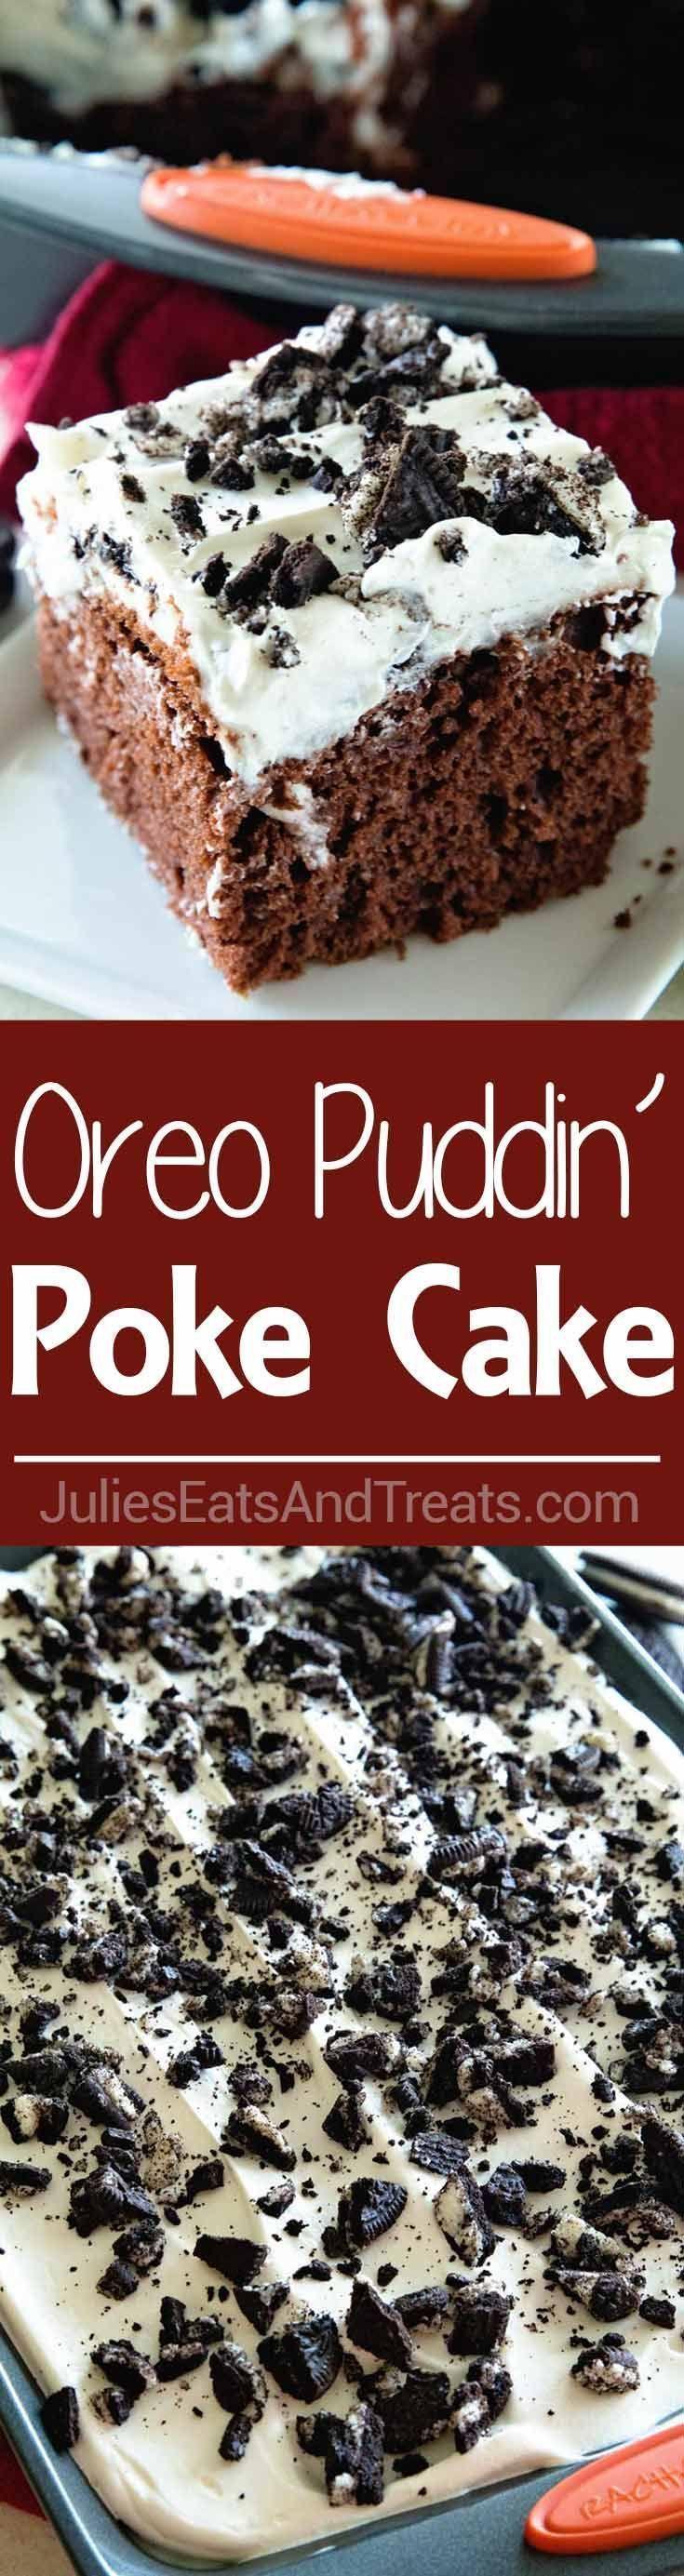 Oreo Puddin' Poke Cake ~ Chocolate Cake Topped with Oreo ...